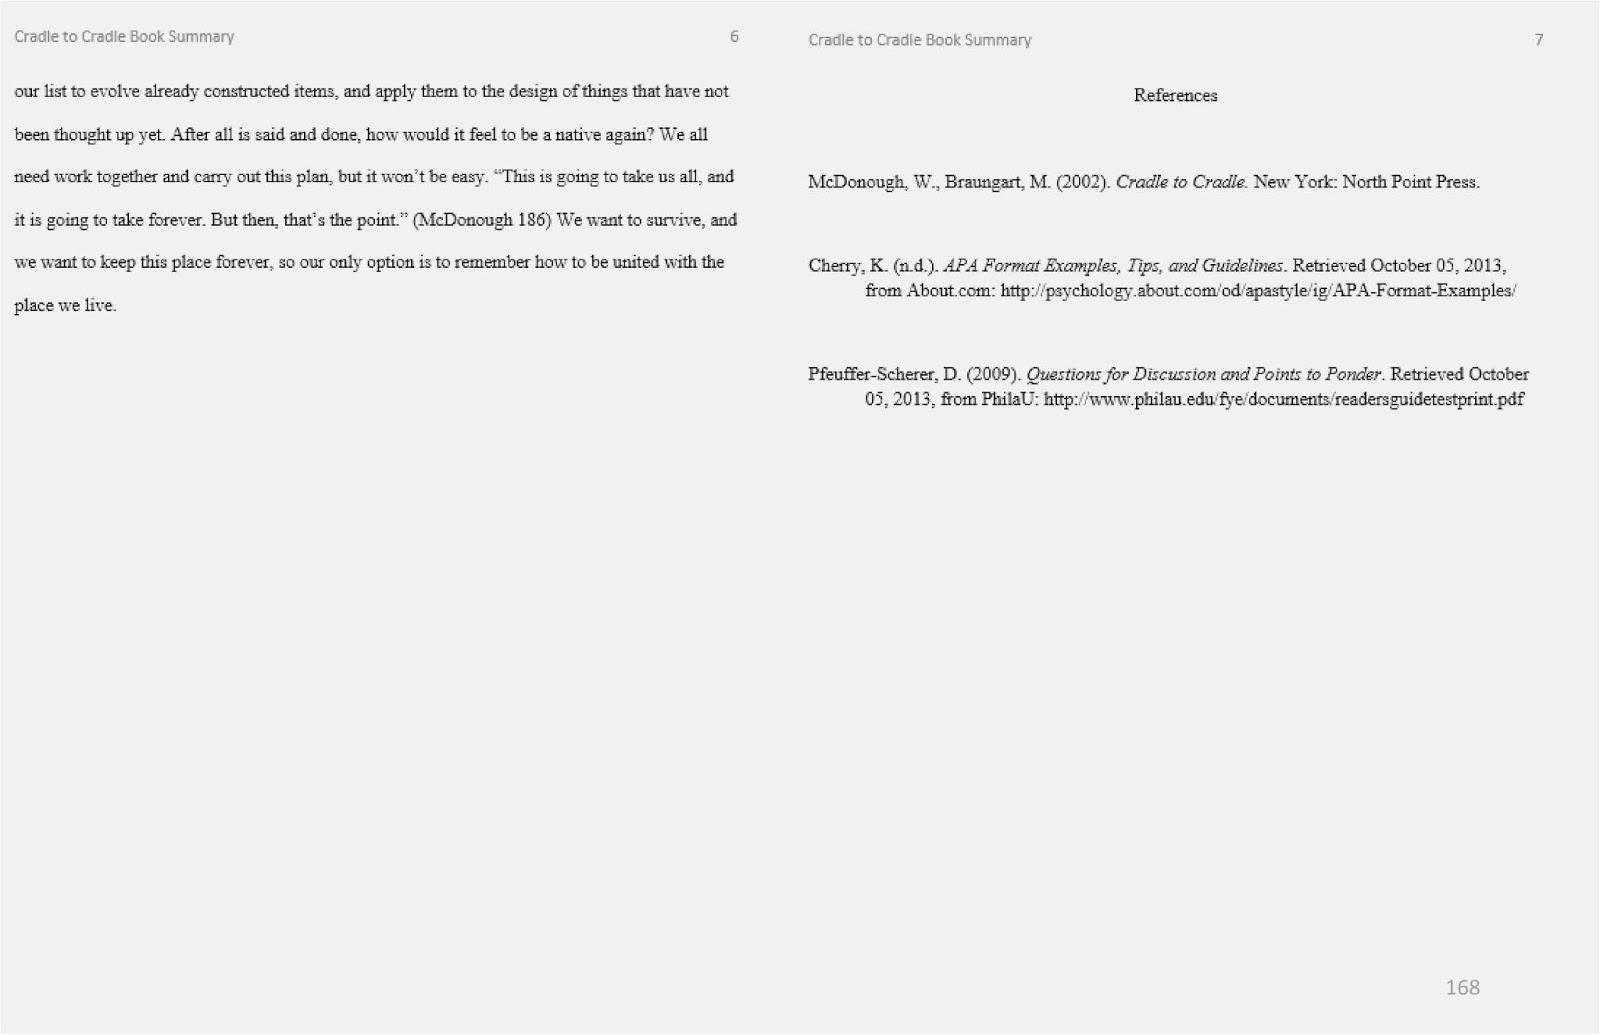 apa resume format apa resume format sample apa resume format apa resume template apa resume guidelines apa format resume template curriculum vitae apa format apa resume format 2019 curriculum vitae apa format example resume format apa style apa format for resume sample resume in apa format apa format cv presentations